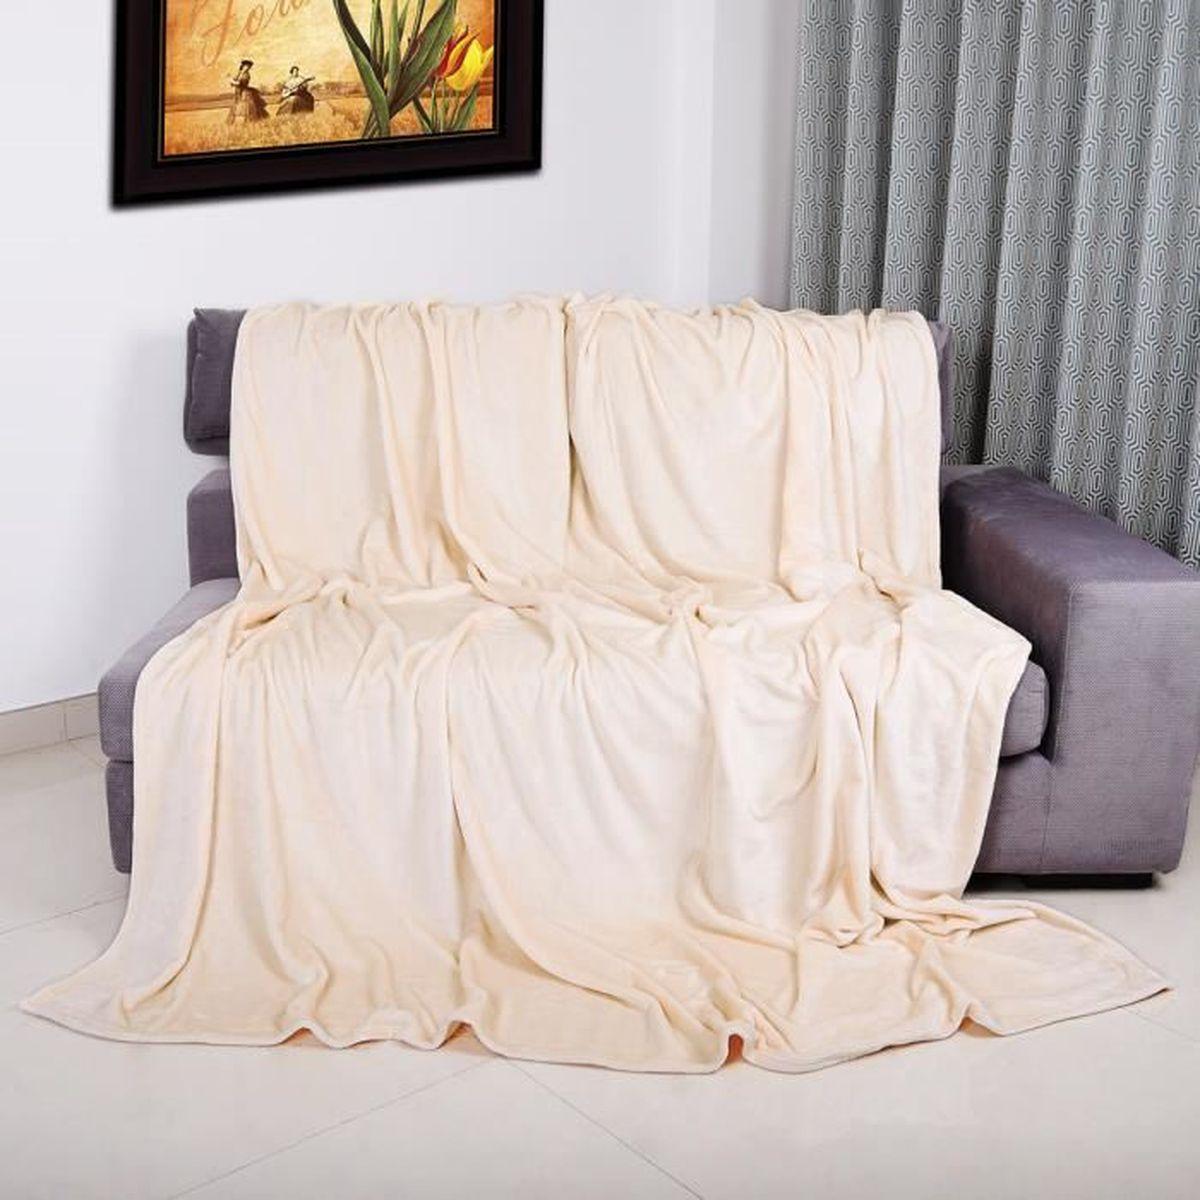 matelass/é /épais Qianqingkun Couvre-lit imperm/éable 120 * 200 cm-Blanc Couvre-Matelas